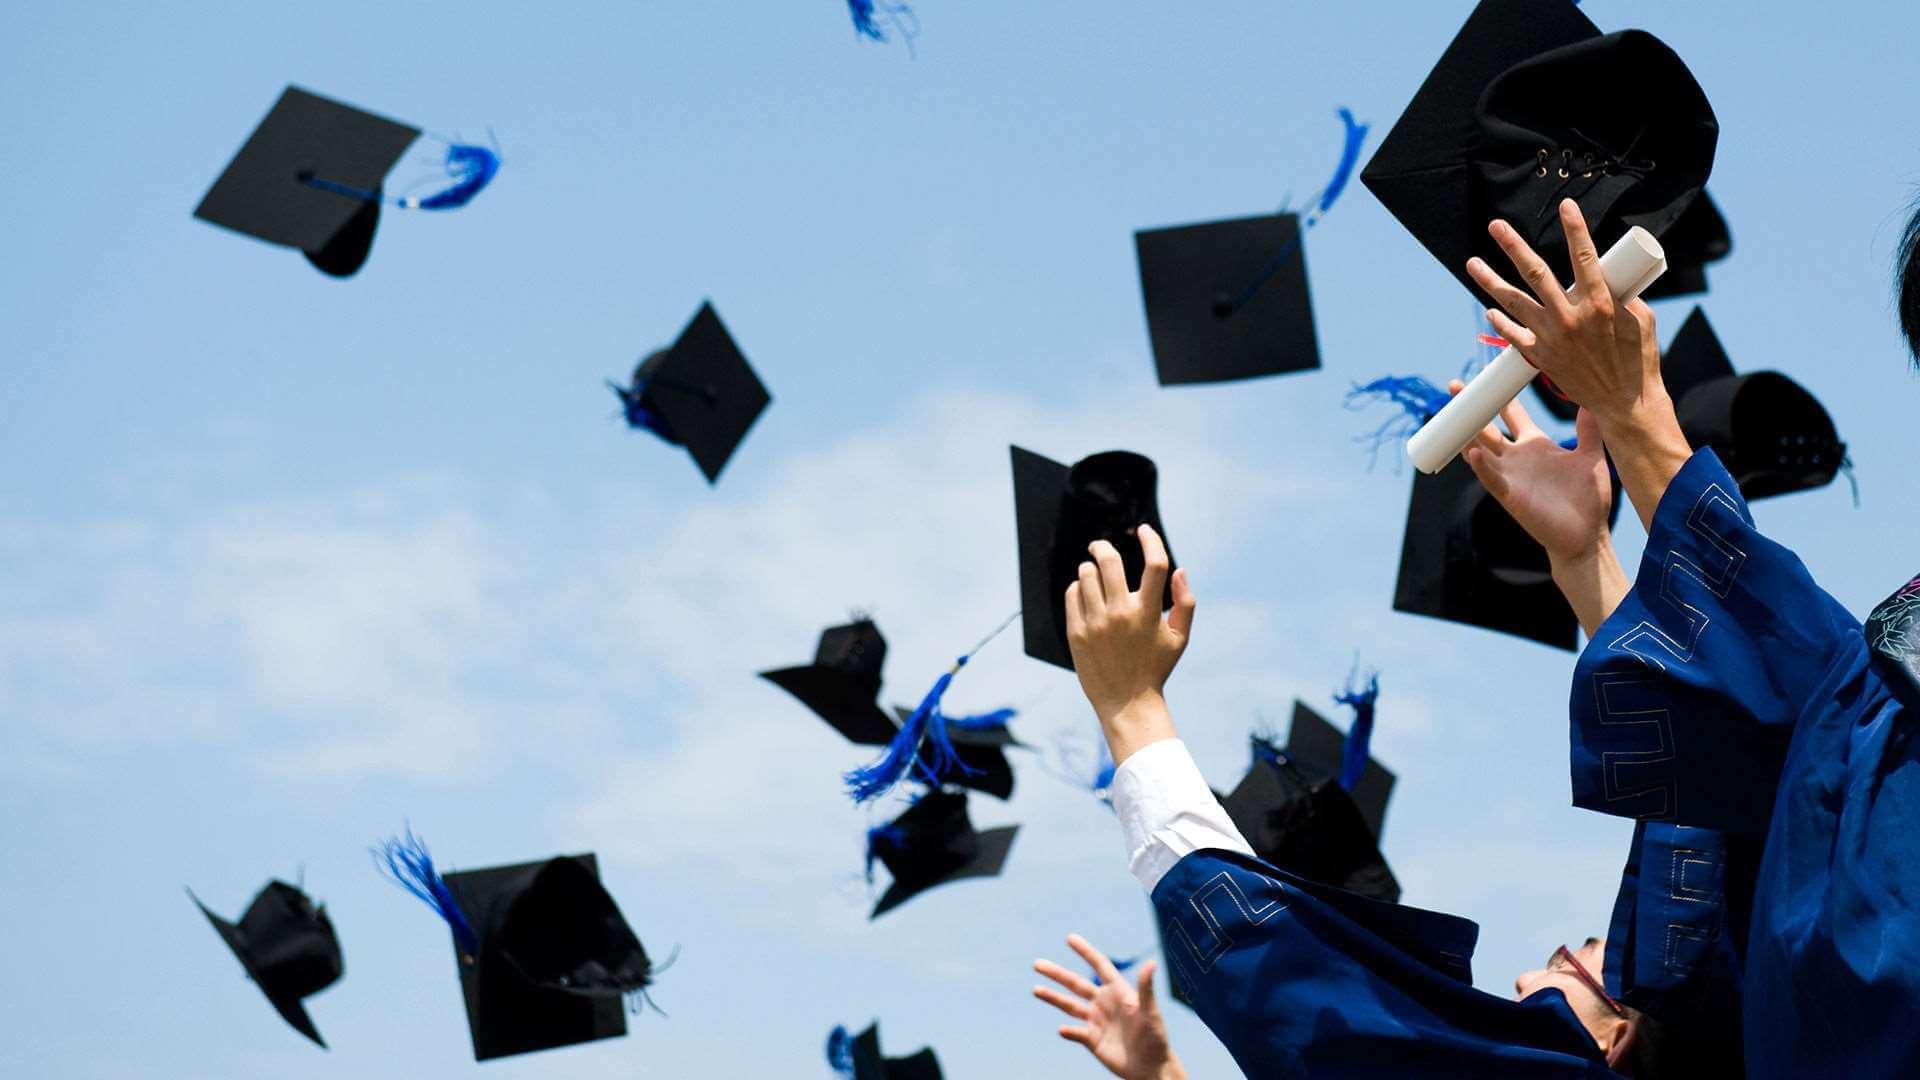 Saznajte što vam sve treba i gdje se morate prijaviti nakon diplome